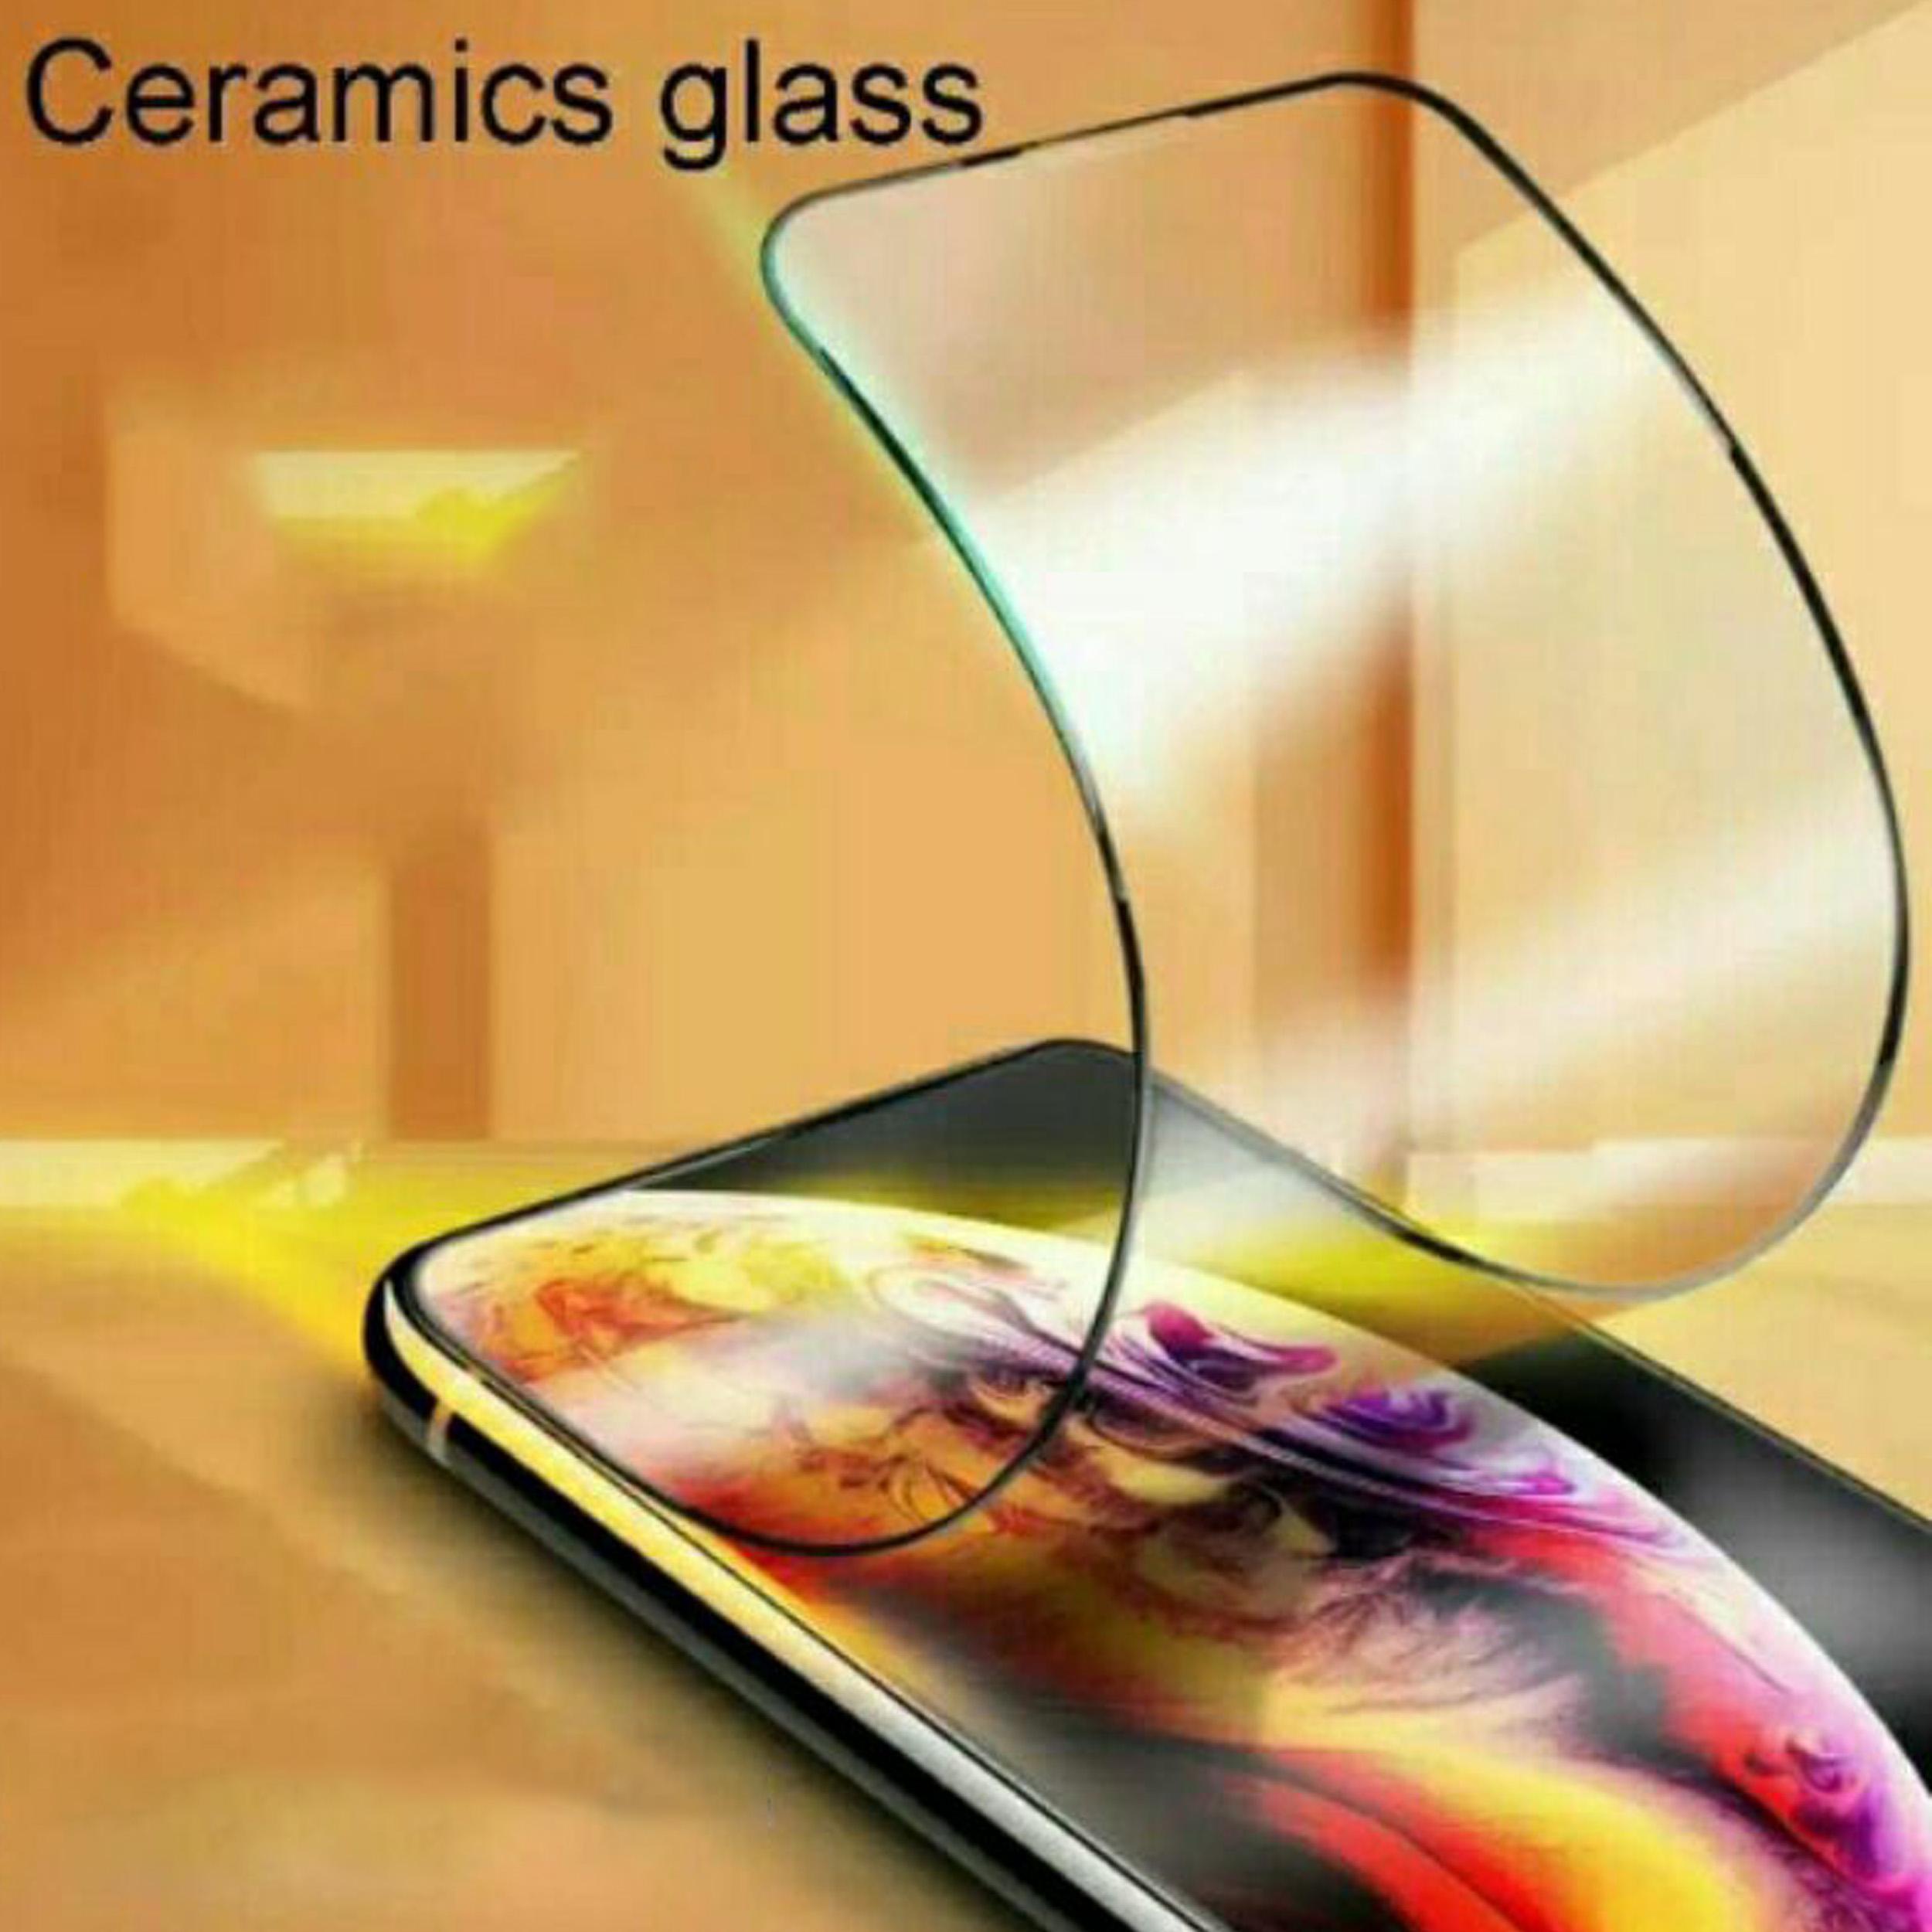 محافظ صفحه نمایش سرامیکی گوف مدل CER-CL مناسب برای گوشی موبایل سامسونگ Galaxy M30S main 1 2